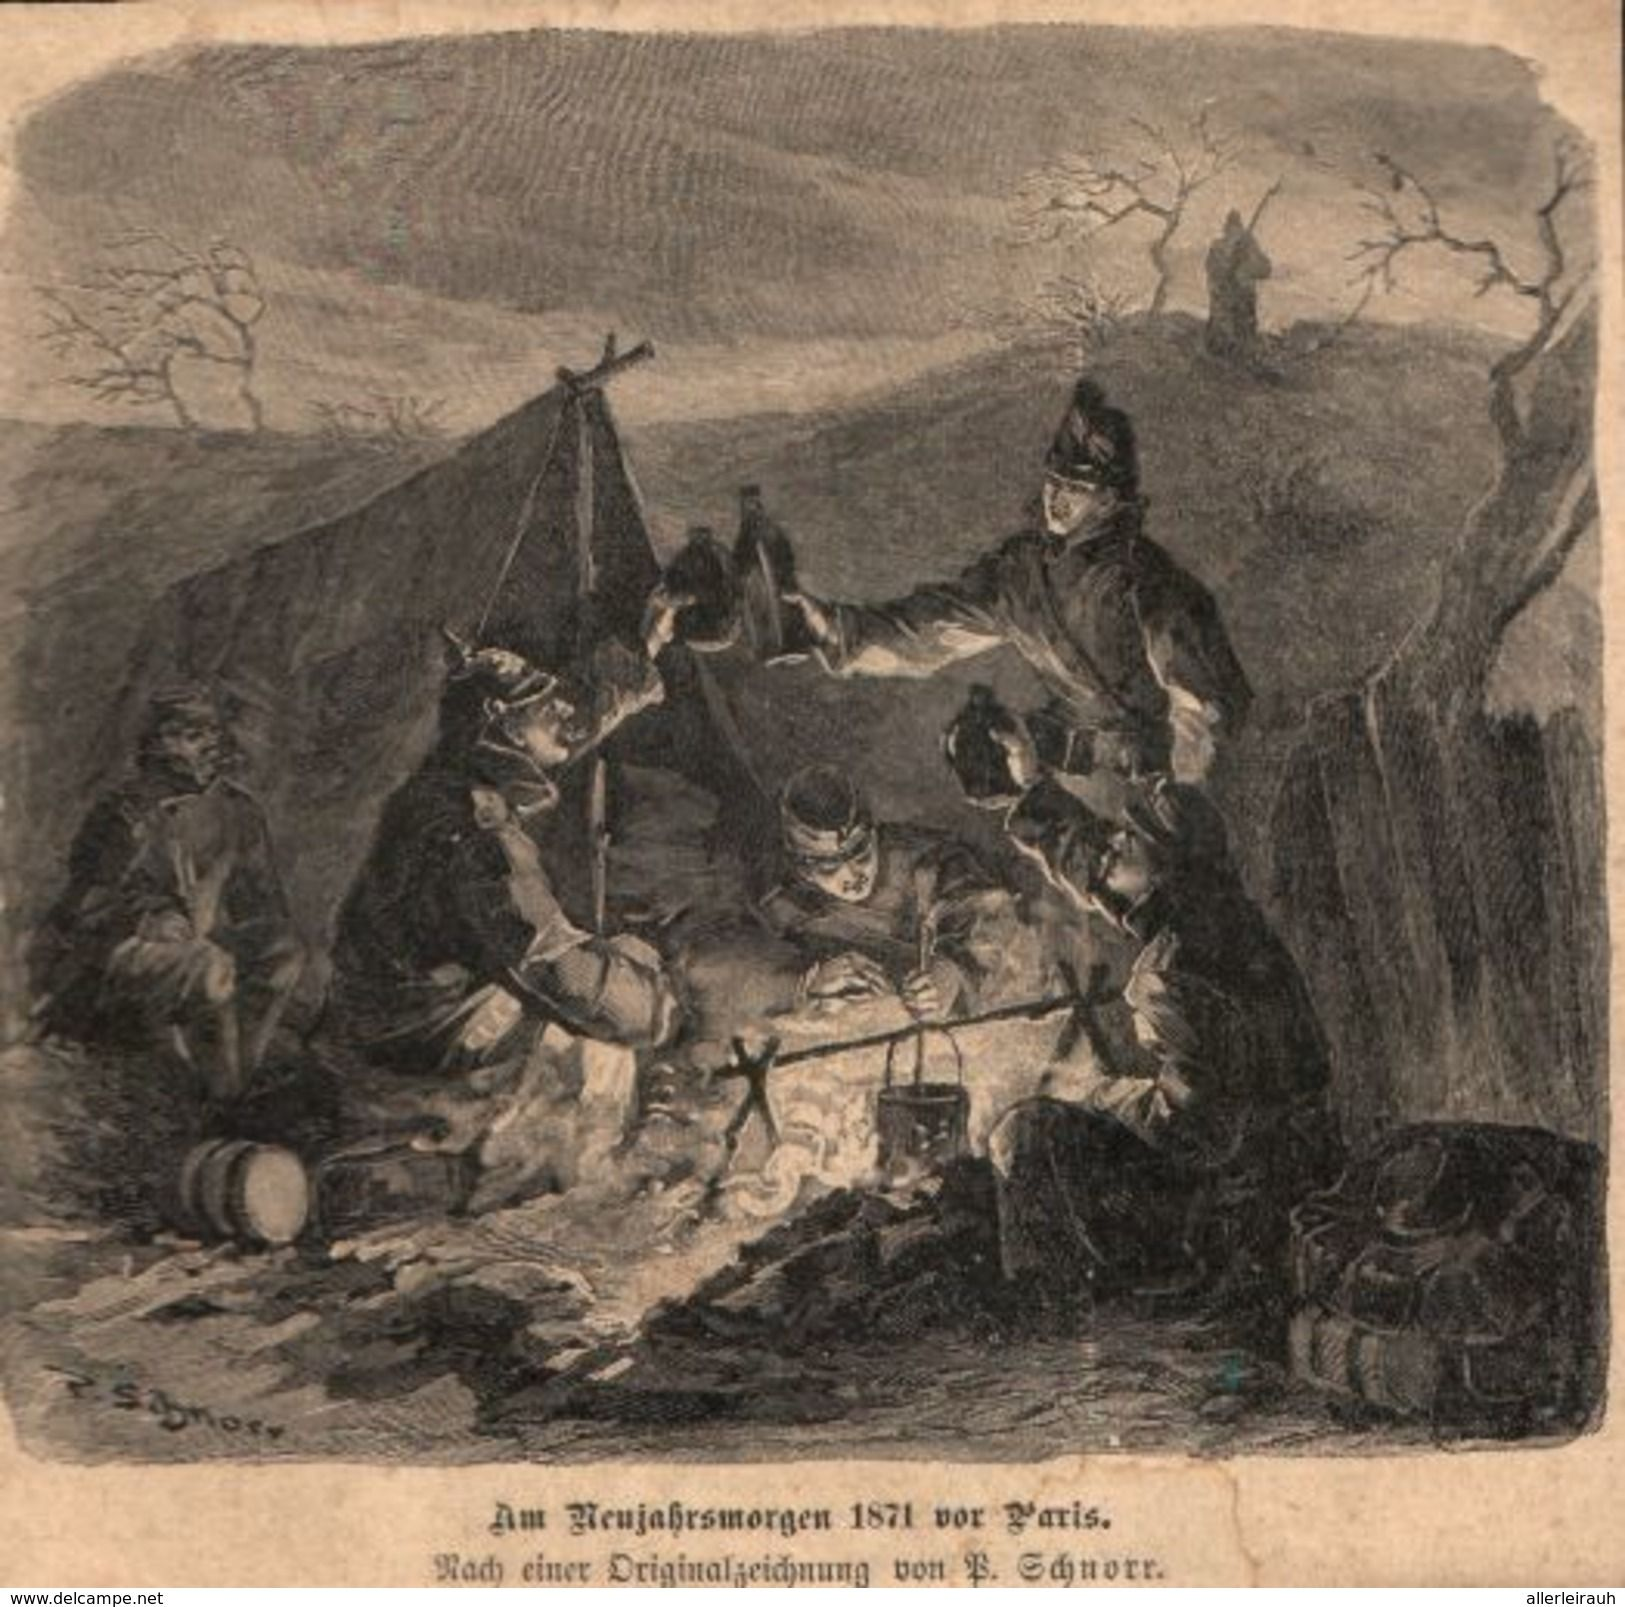 Am Neujahrsmorgen 1871 Vor Paris B Schnorr Druck Entnommen Aus Zeitschrift 1896 Zu Verkaufen Auf Delcampe Zeitschriften Paris Drucken